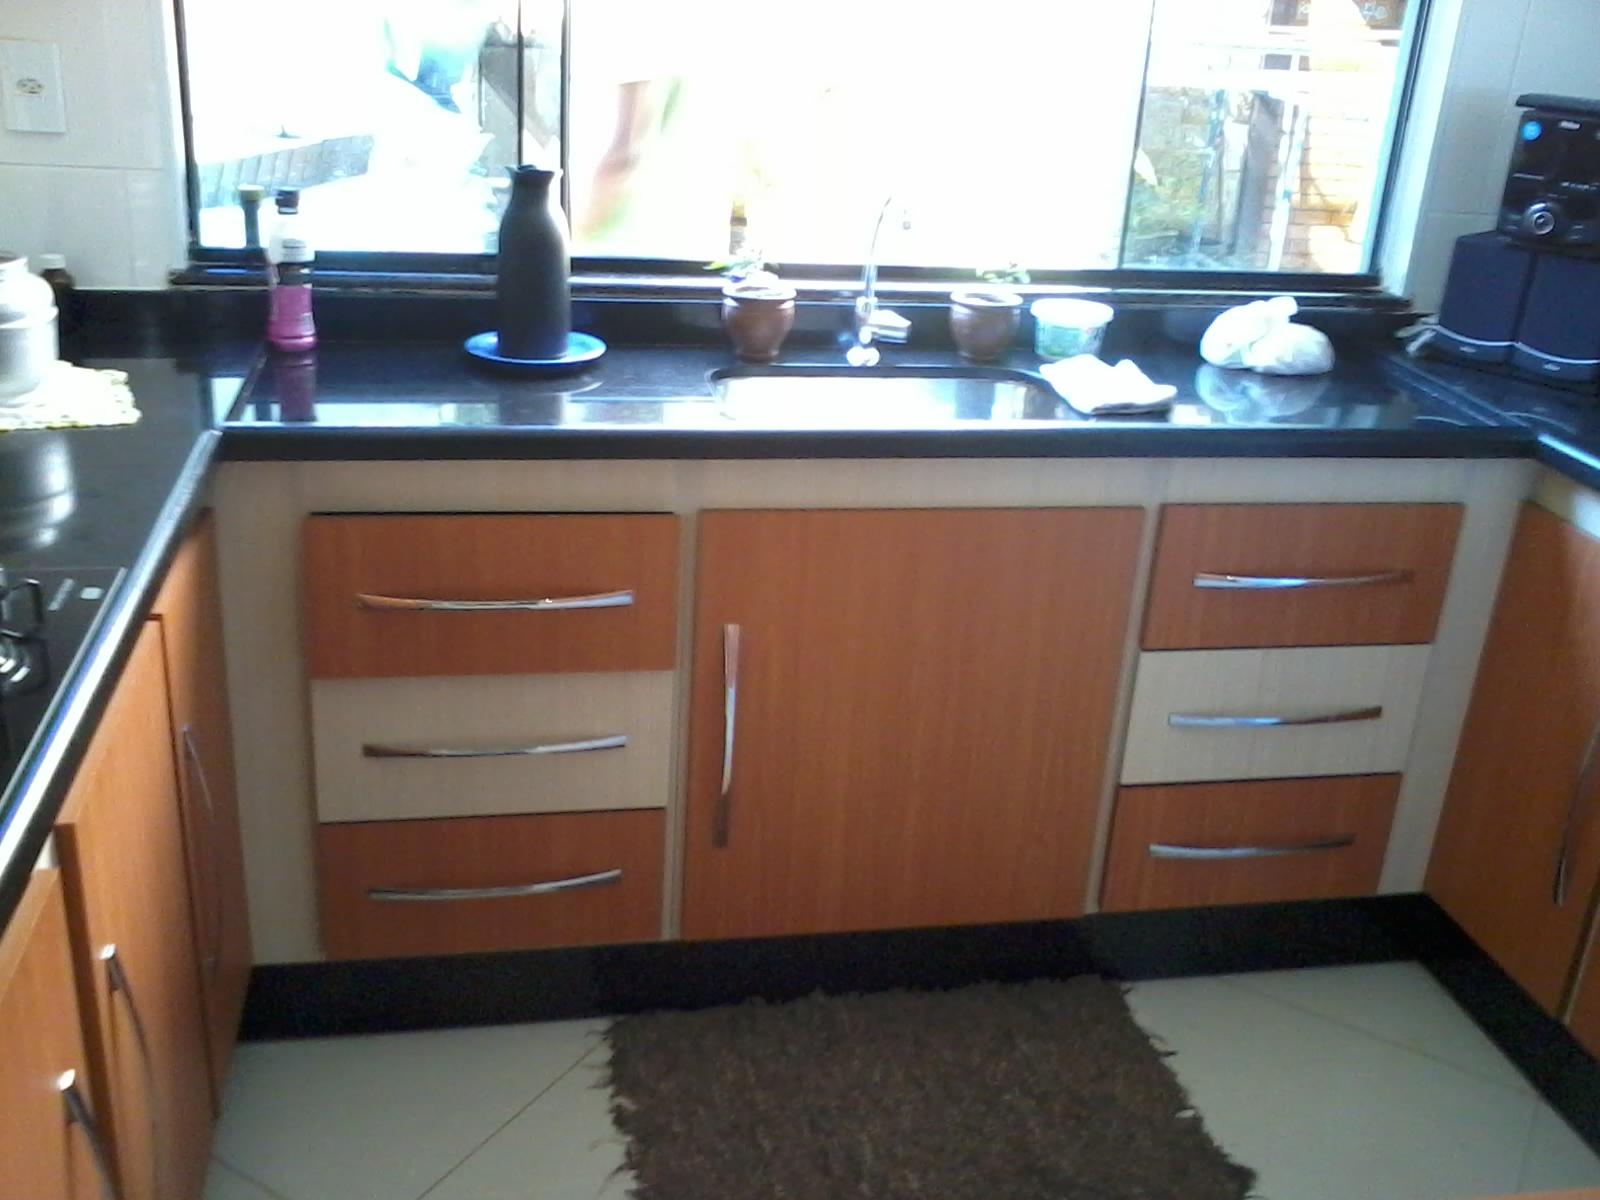 #996032 Pinheiros Marcenaria: Cozinha planejada (completo)   Bancada com  1600x1200 px Armario De Cozinha Completo Compacto #2021 imagens